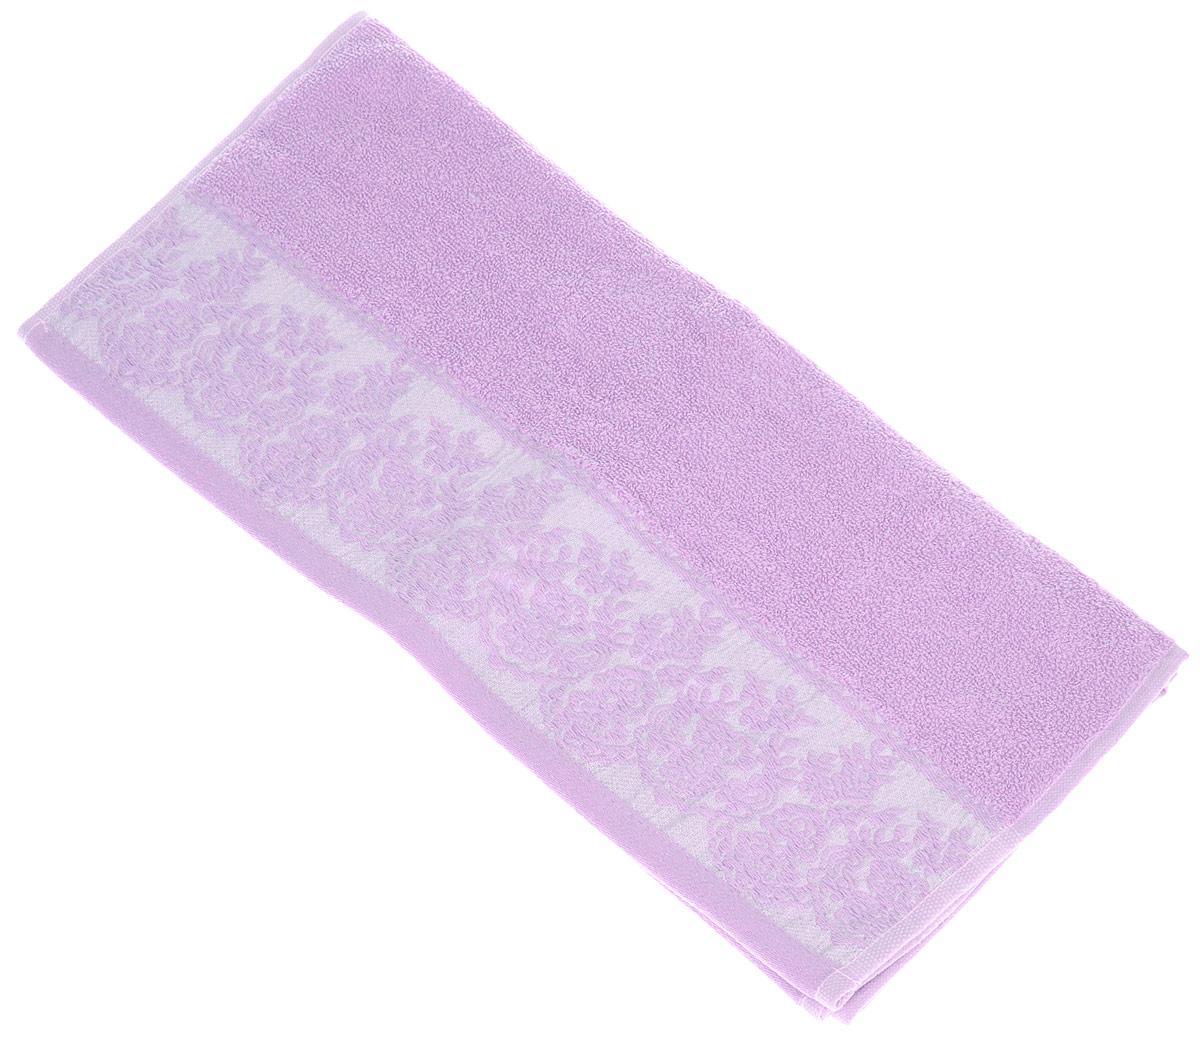 Полотенце Brielle Garden, цвет: пурпурный, 50 х 90 см1203Полотенца ТАС Приятно удивляют и дают возможность почувствовать себя творцом окружающего декора. Махровая ткань – официальное название «фроте», народное – «махра». Фроте – это натуральная ткань, поверхность которой состоит из ворса (петель основных нитей). Ворс может быть как одинарным (односторонним), так и двойным (двусторонним).